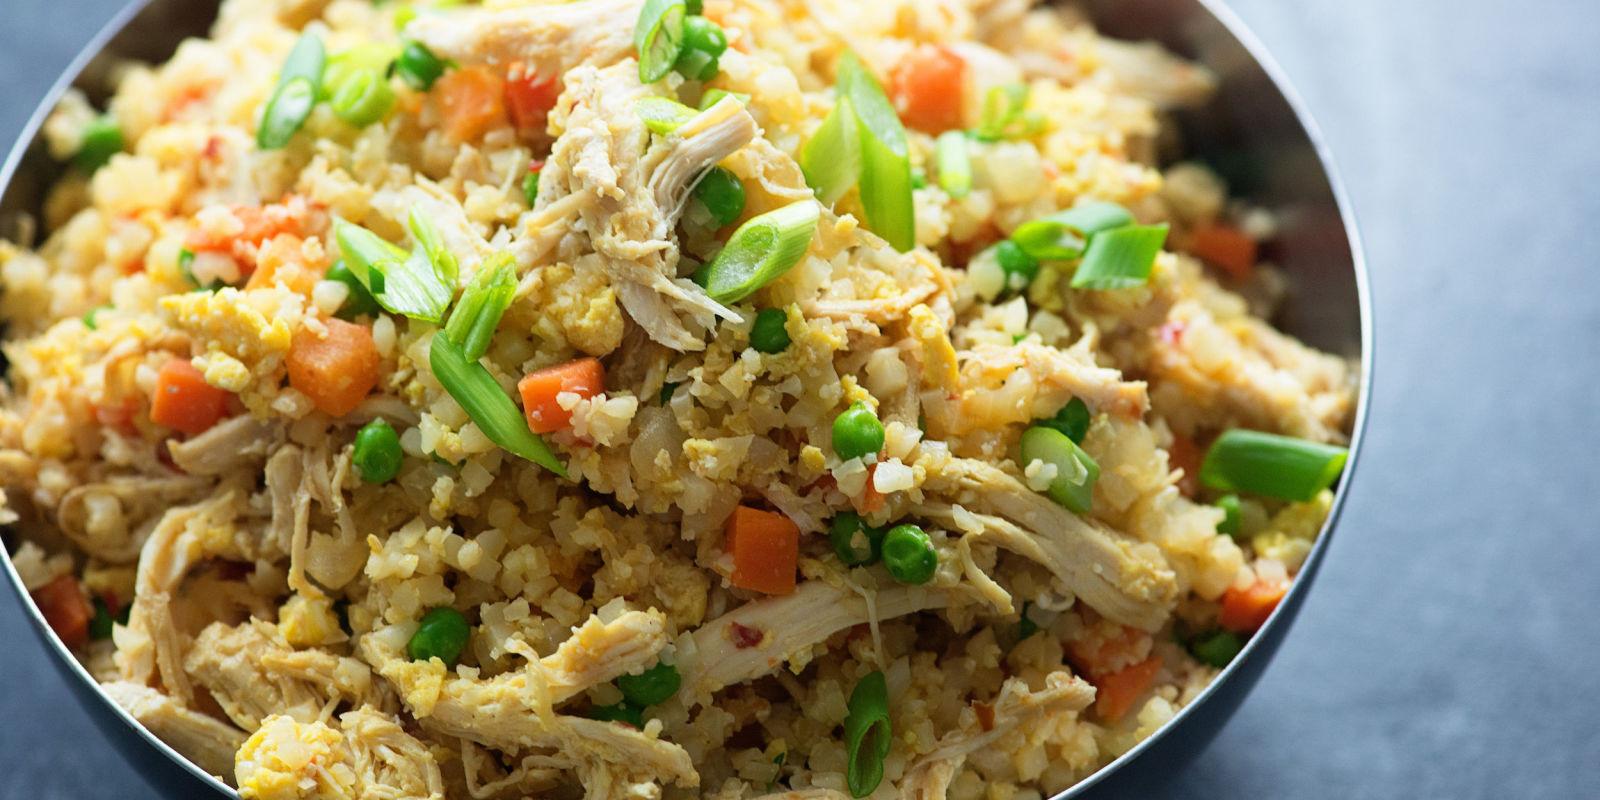 Best Chicken Fried Rice Recipe  Best Chicken Fried Cauliflower Rice Recipe How To Make